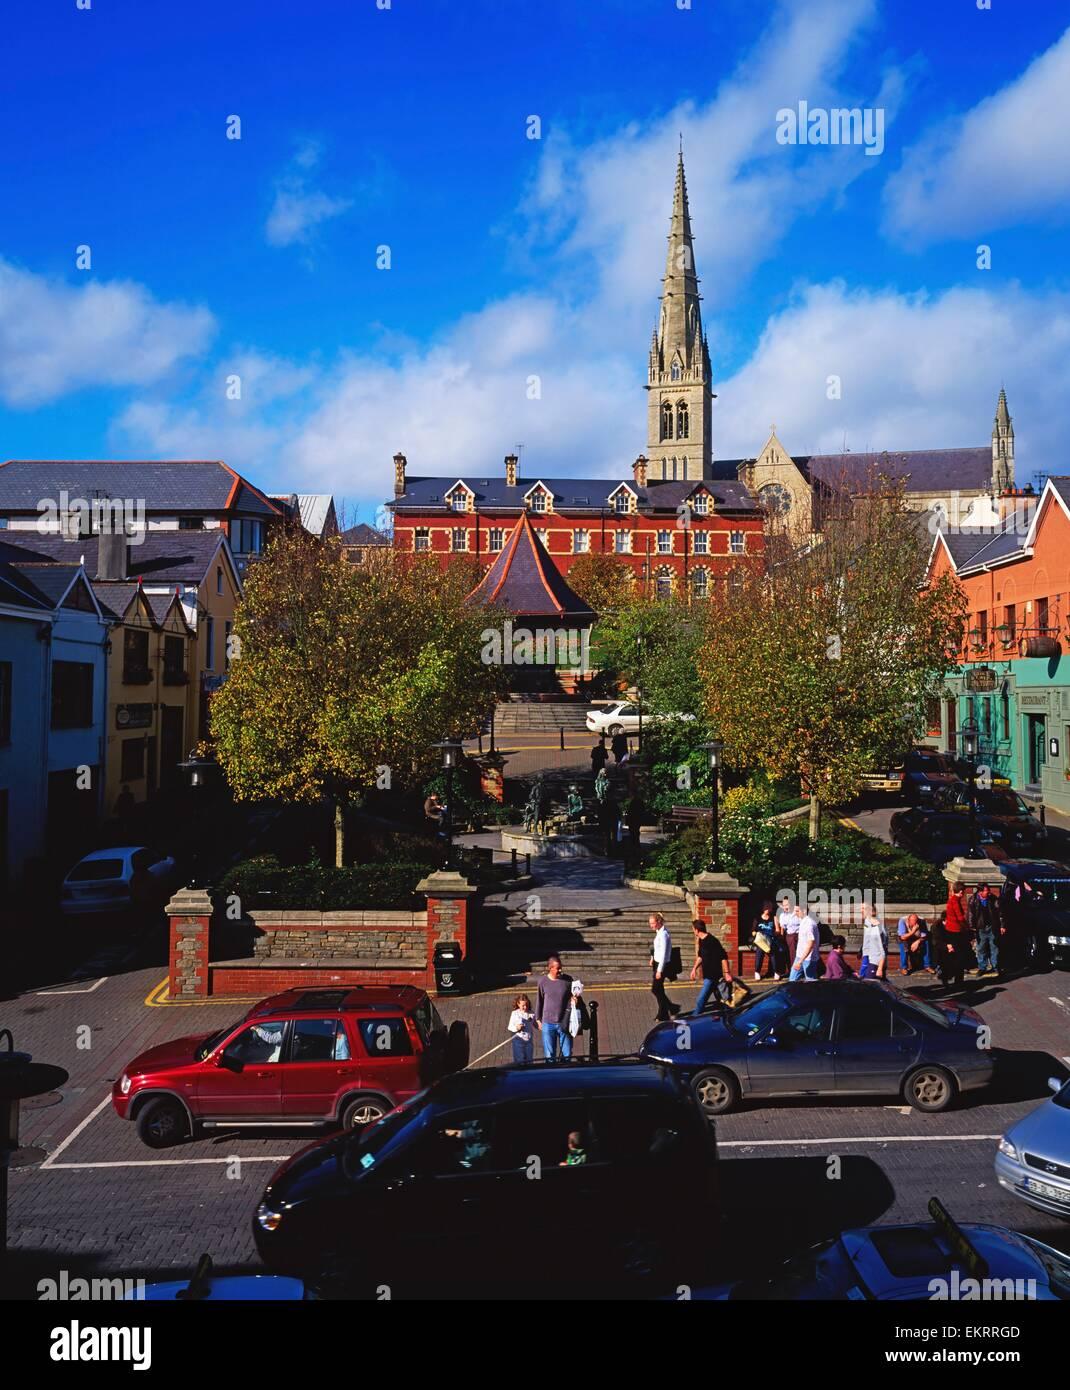 10 Best Letterkenny Hotels, Ireland (From $60) - tonyshirley.co.uk